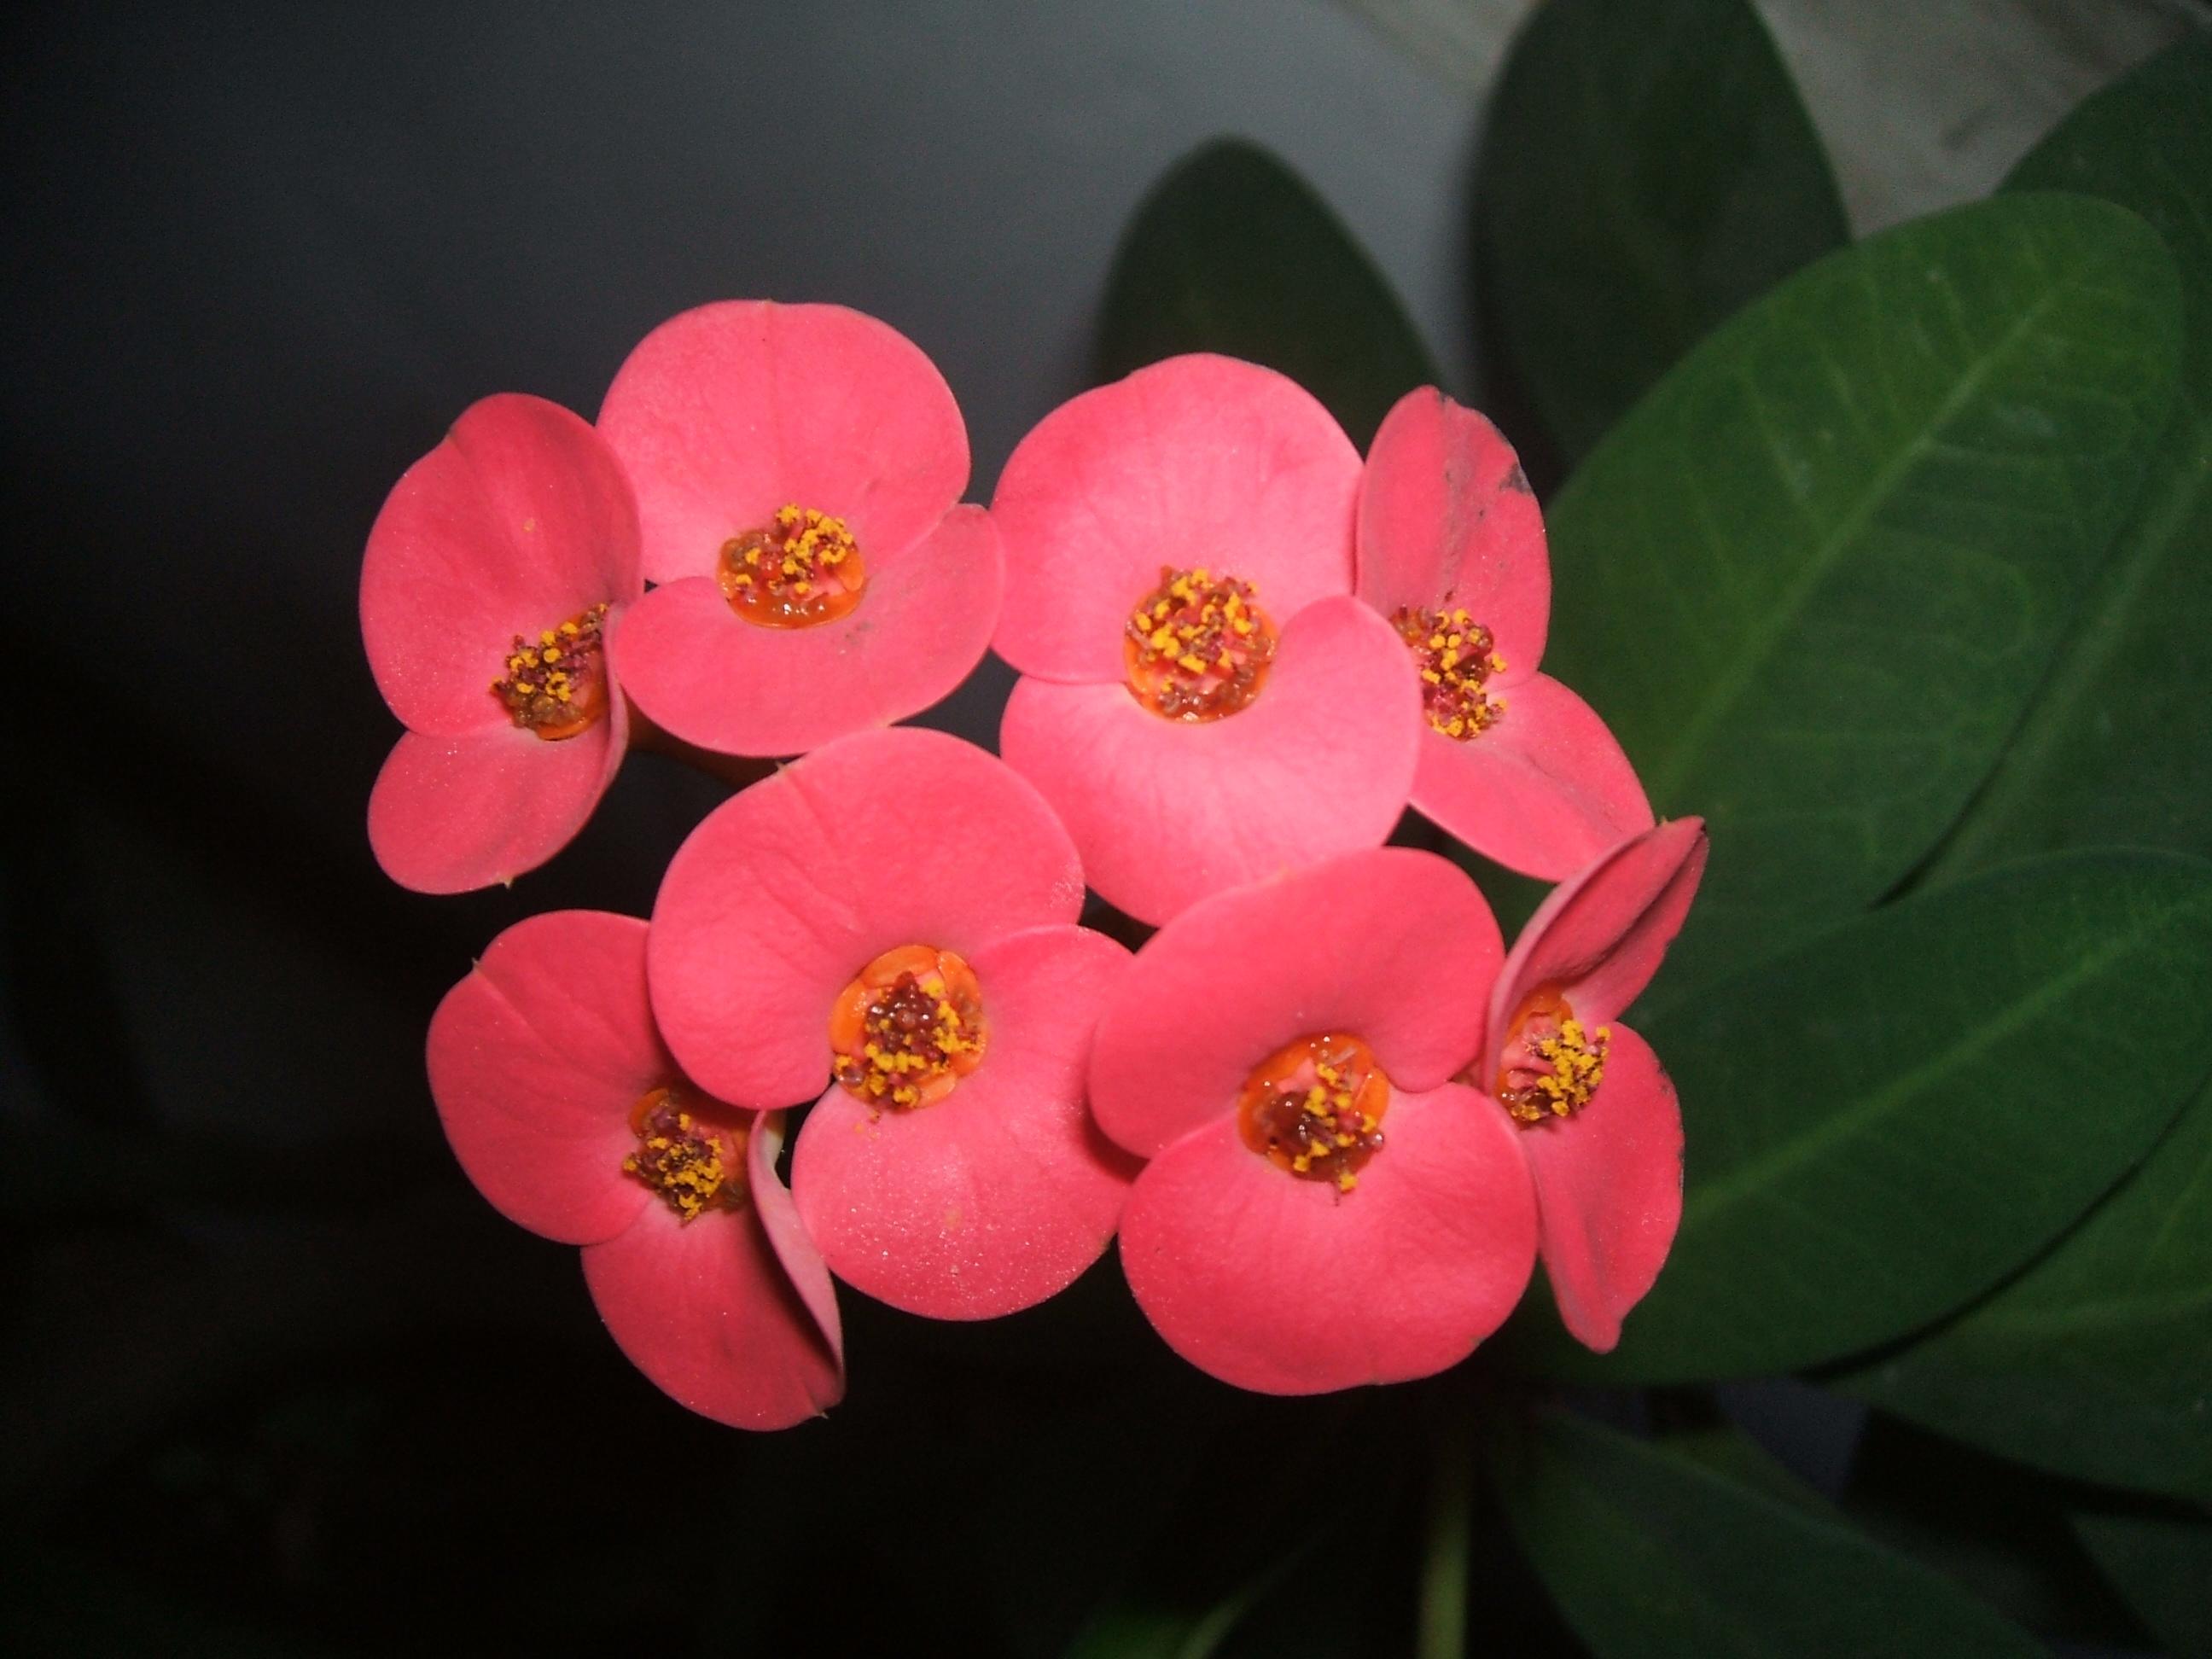 虎刺梅不开花的原因是什么?要怎么解决?